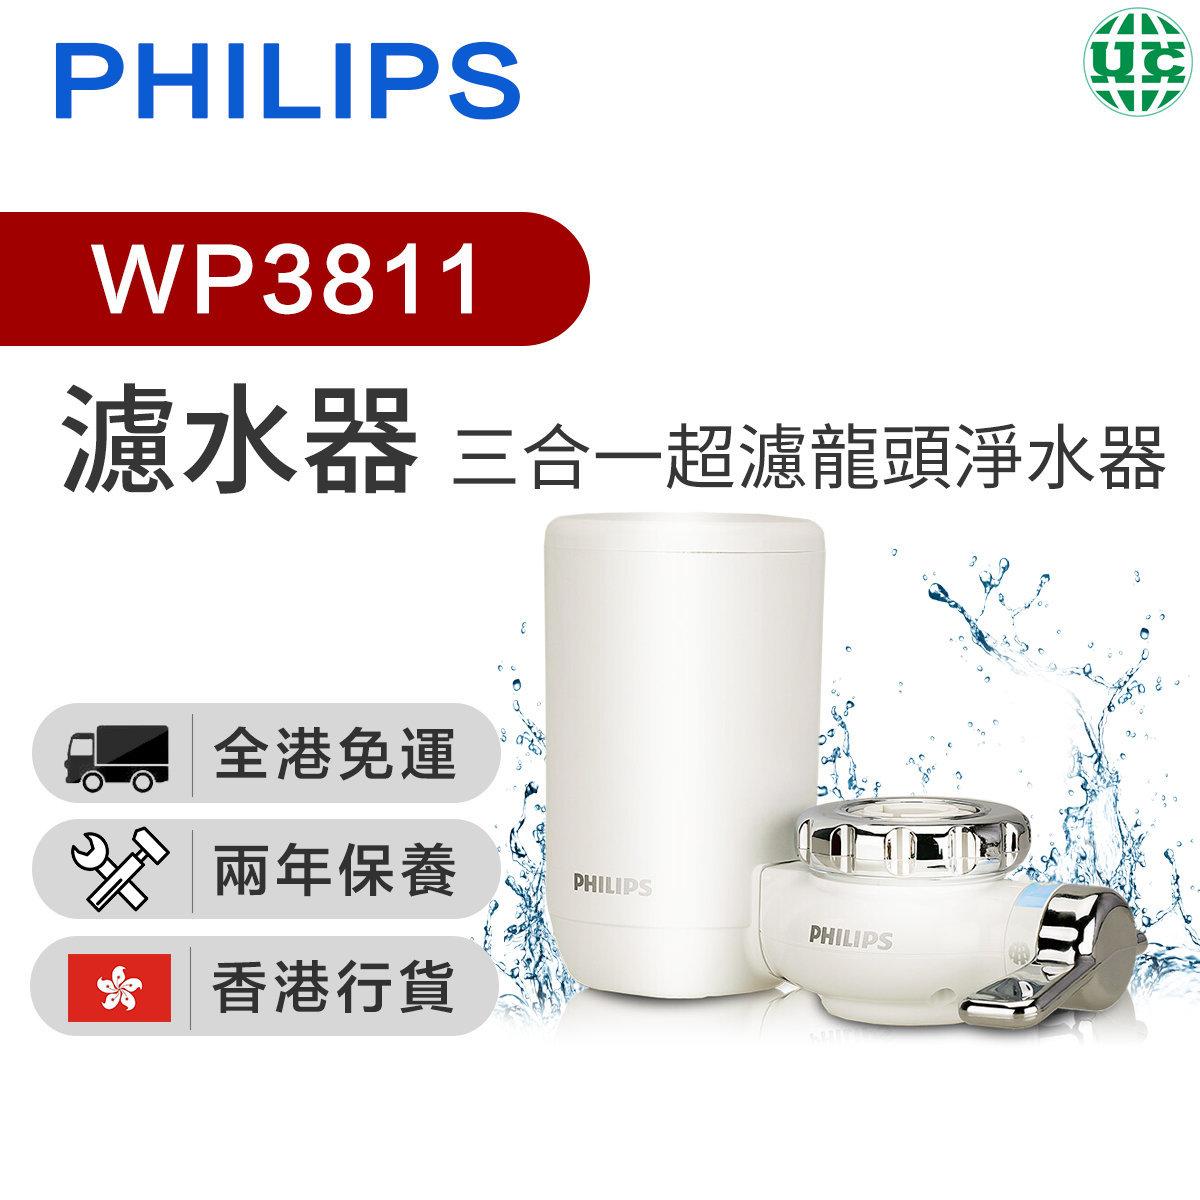 WP3811 Faucet Water Filter (Hong Kong licensed)